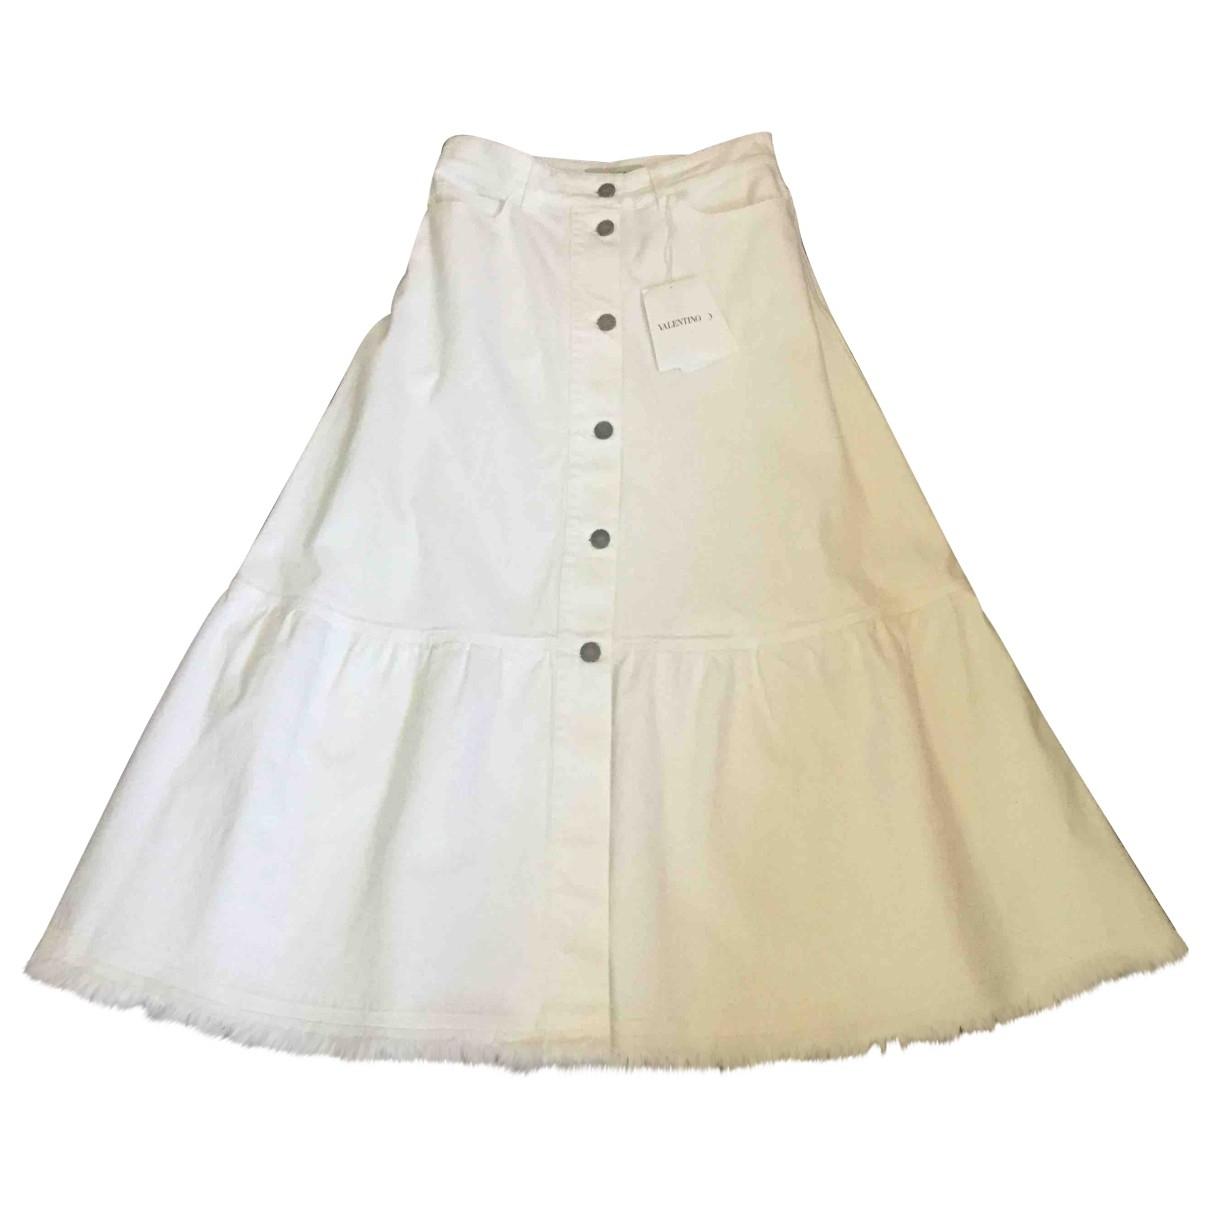 Valentino Garavani \N White Cotton skirt for Women 40 IT